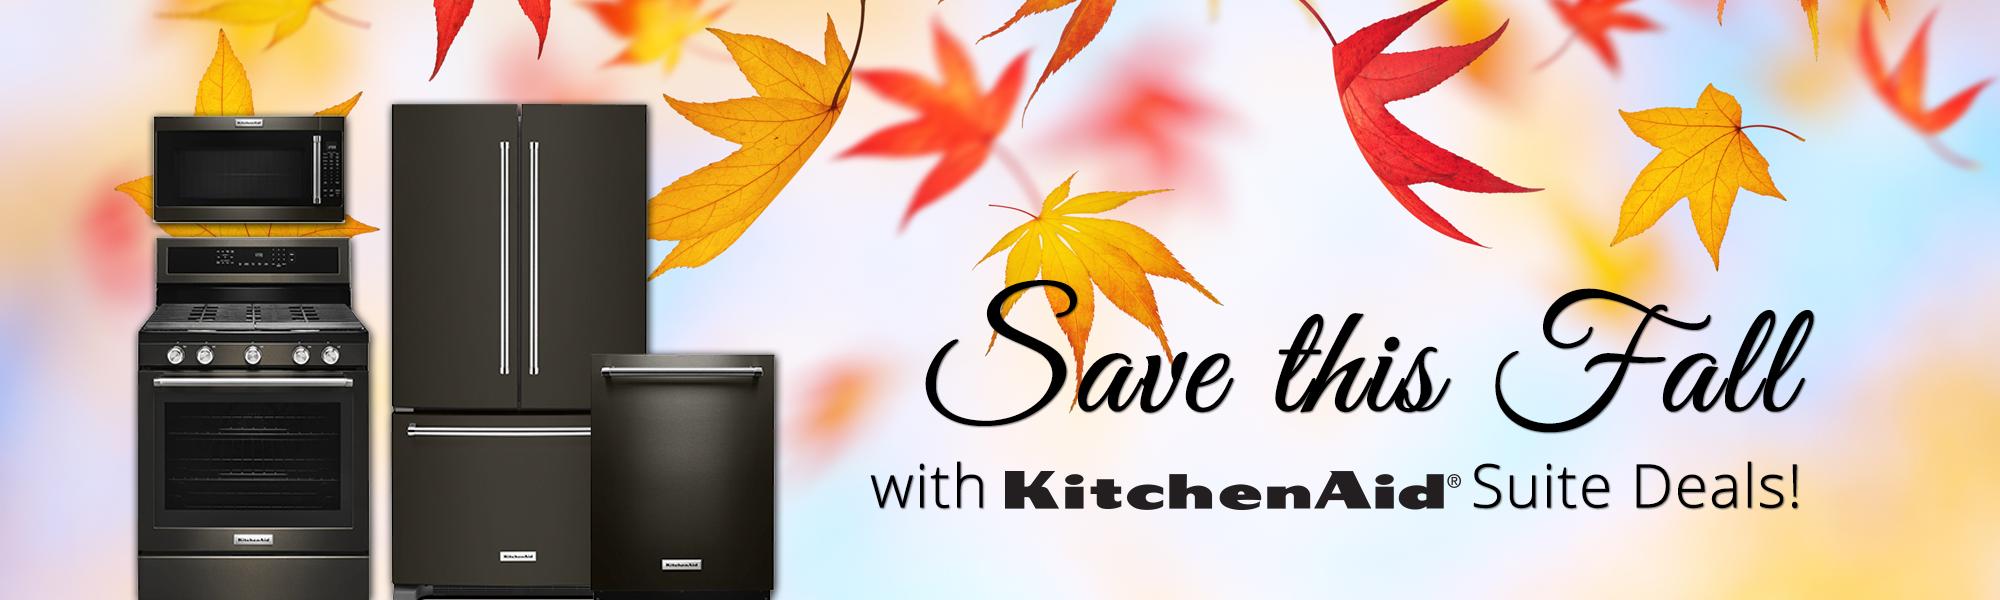 KitchenAid Suite Deals